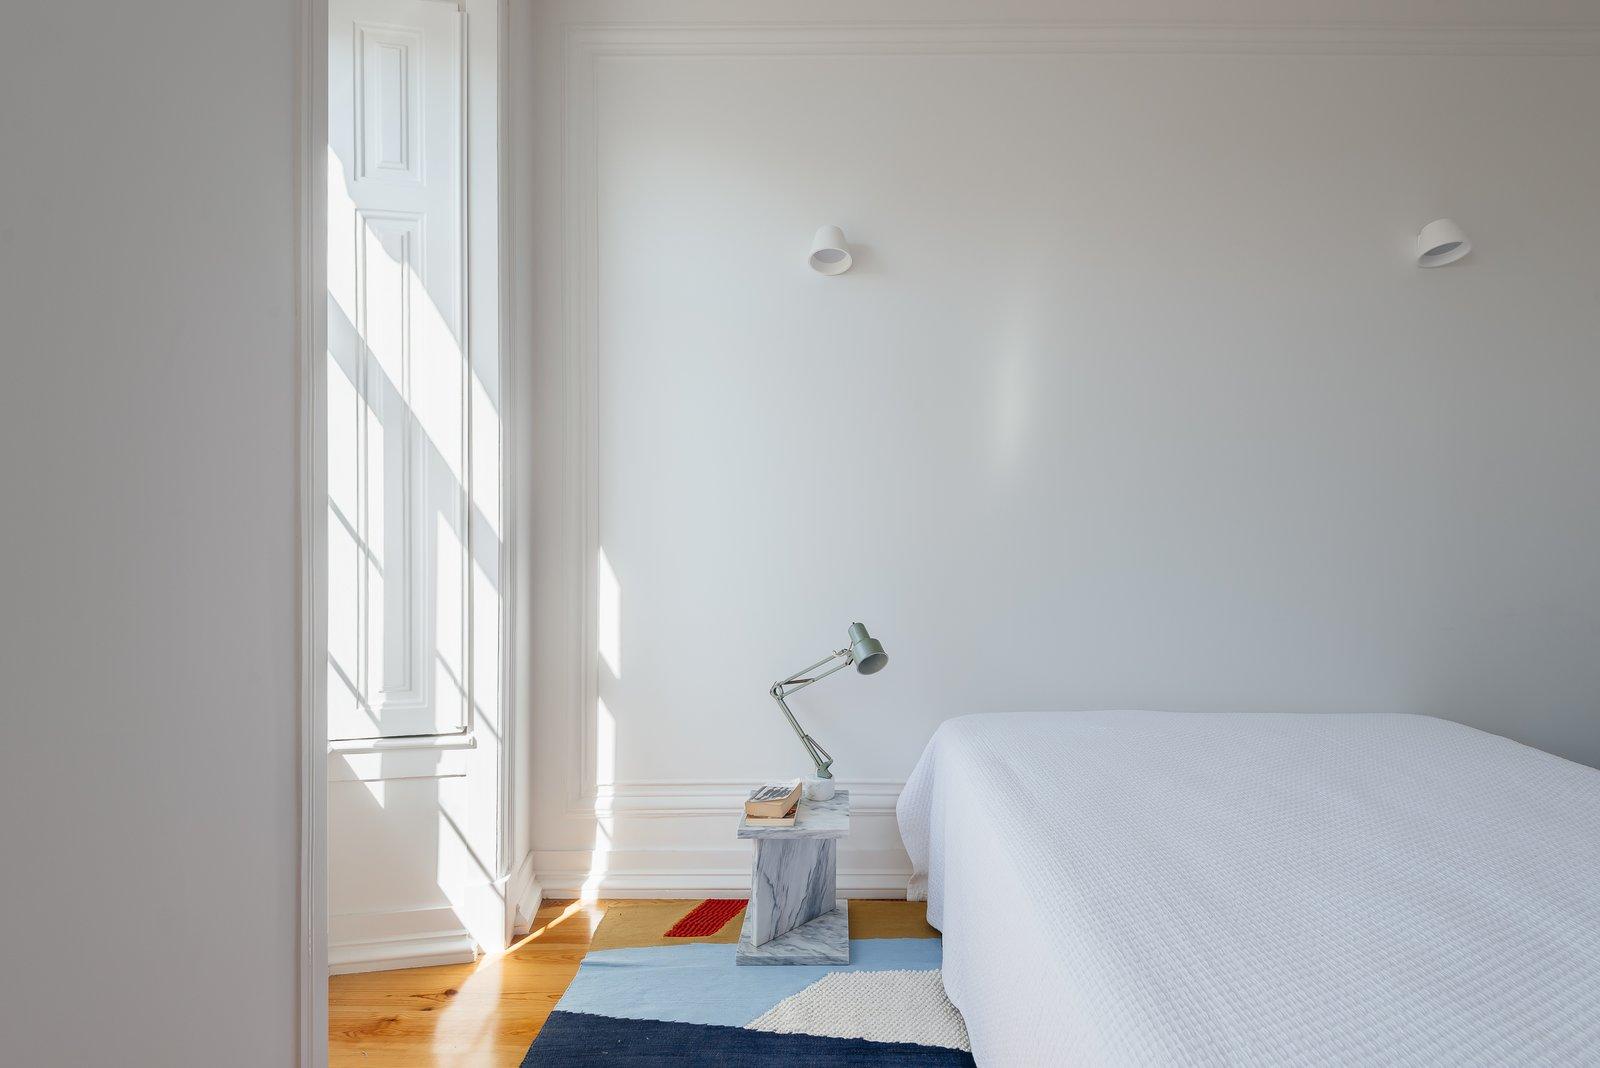 Principe Real apartment renovation Aurora Arquitectos